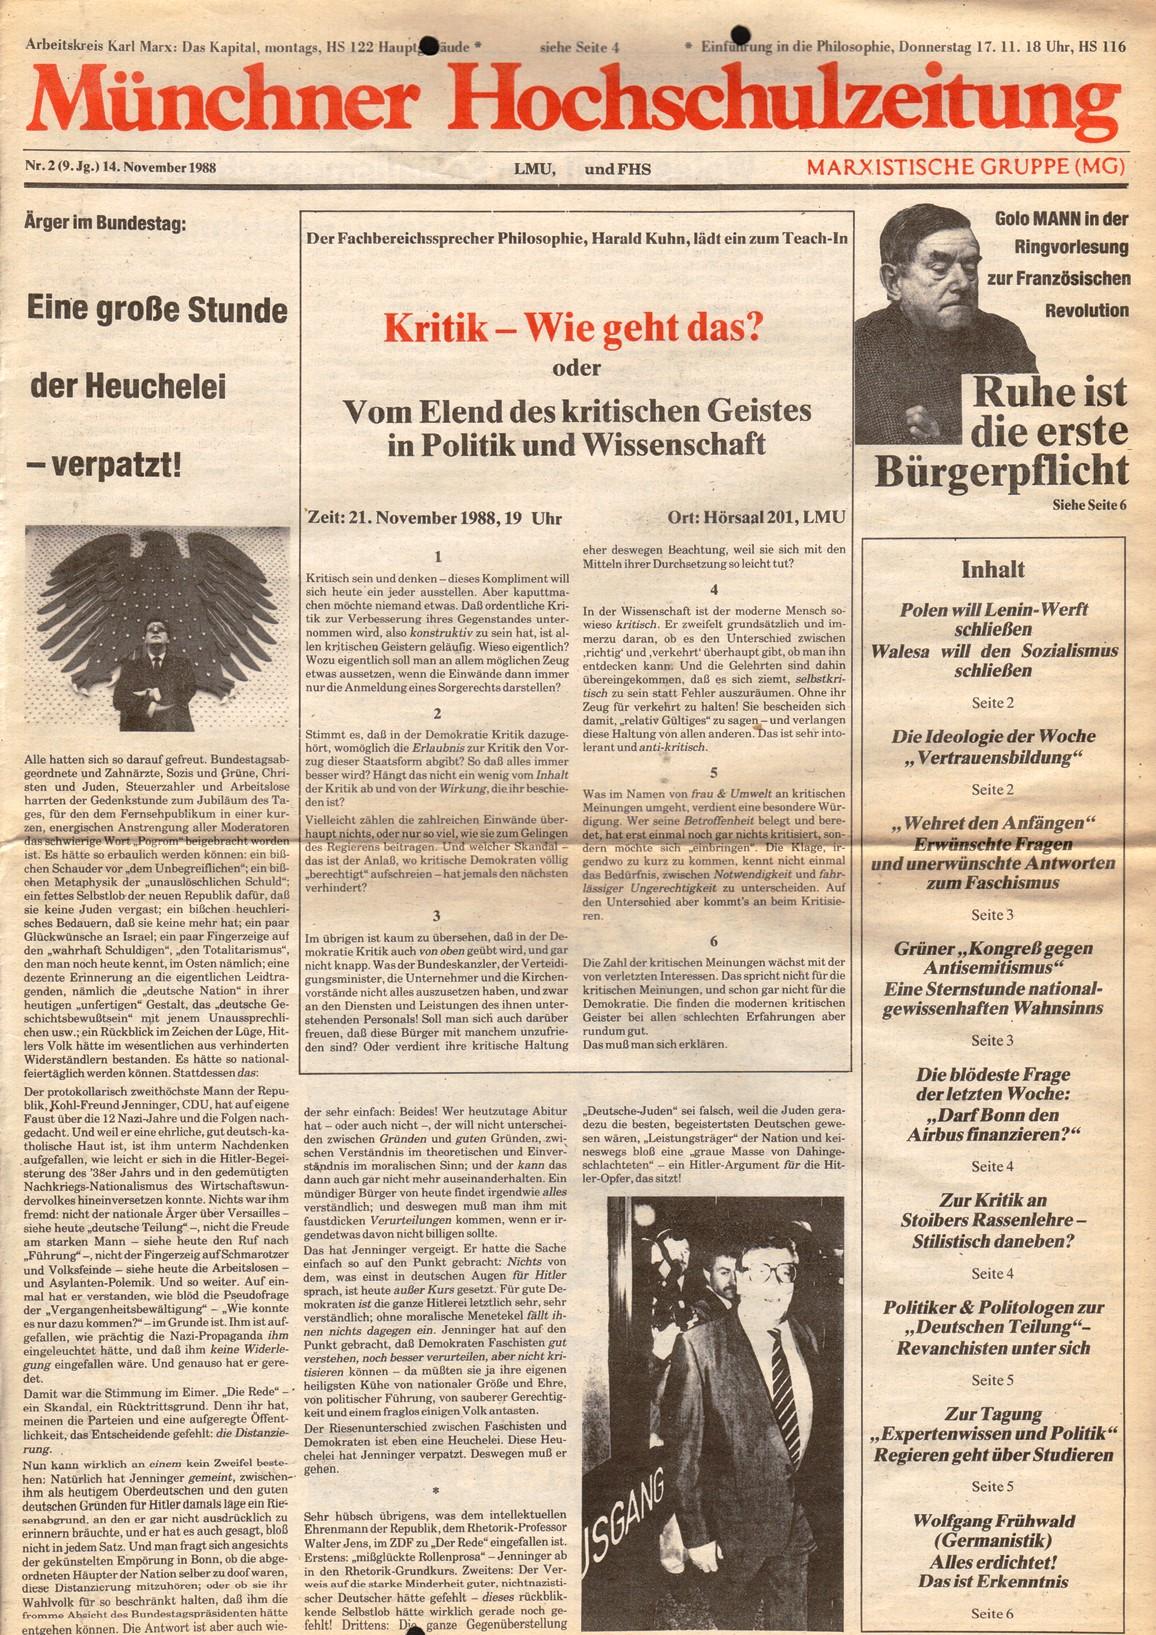 Muenchen_MG_Hochschulzeitung_19881114_01